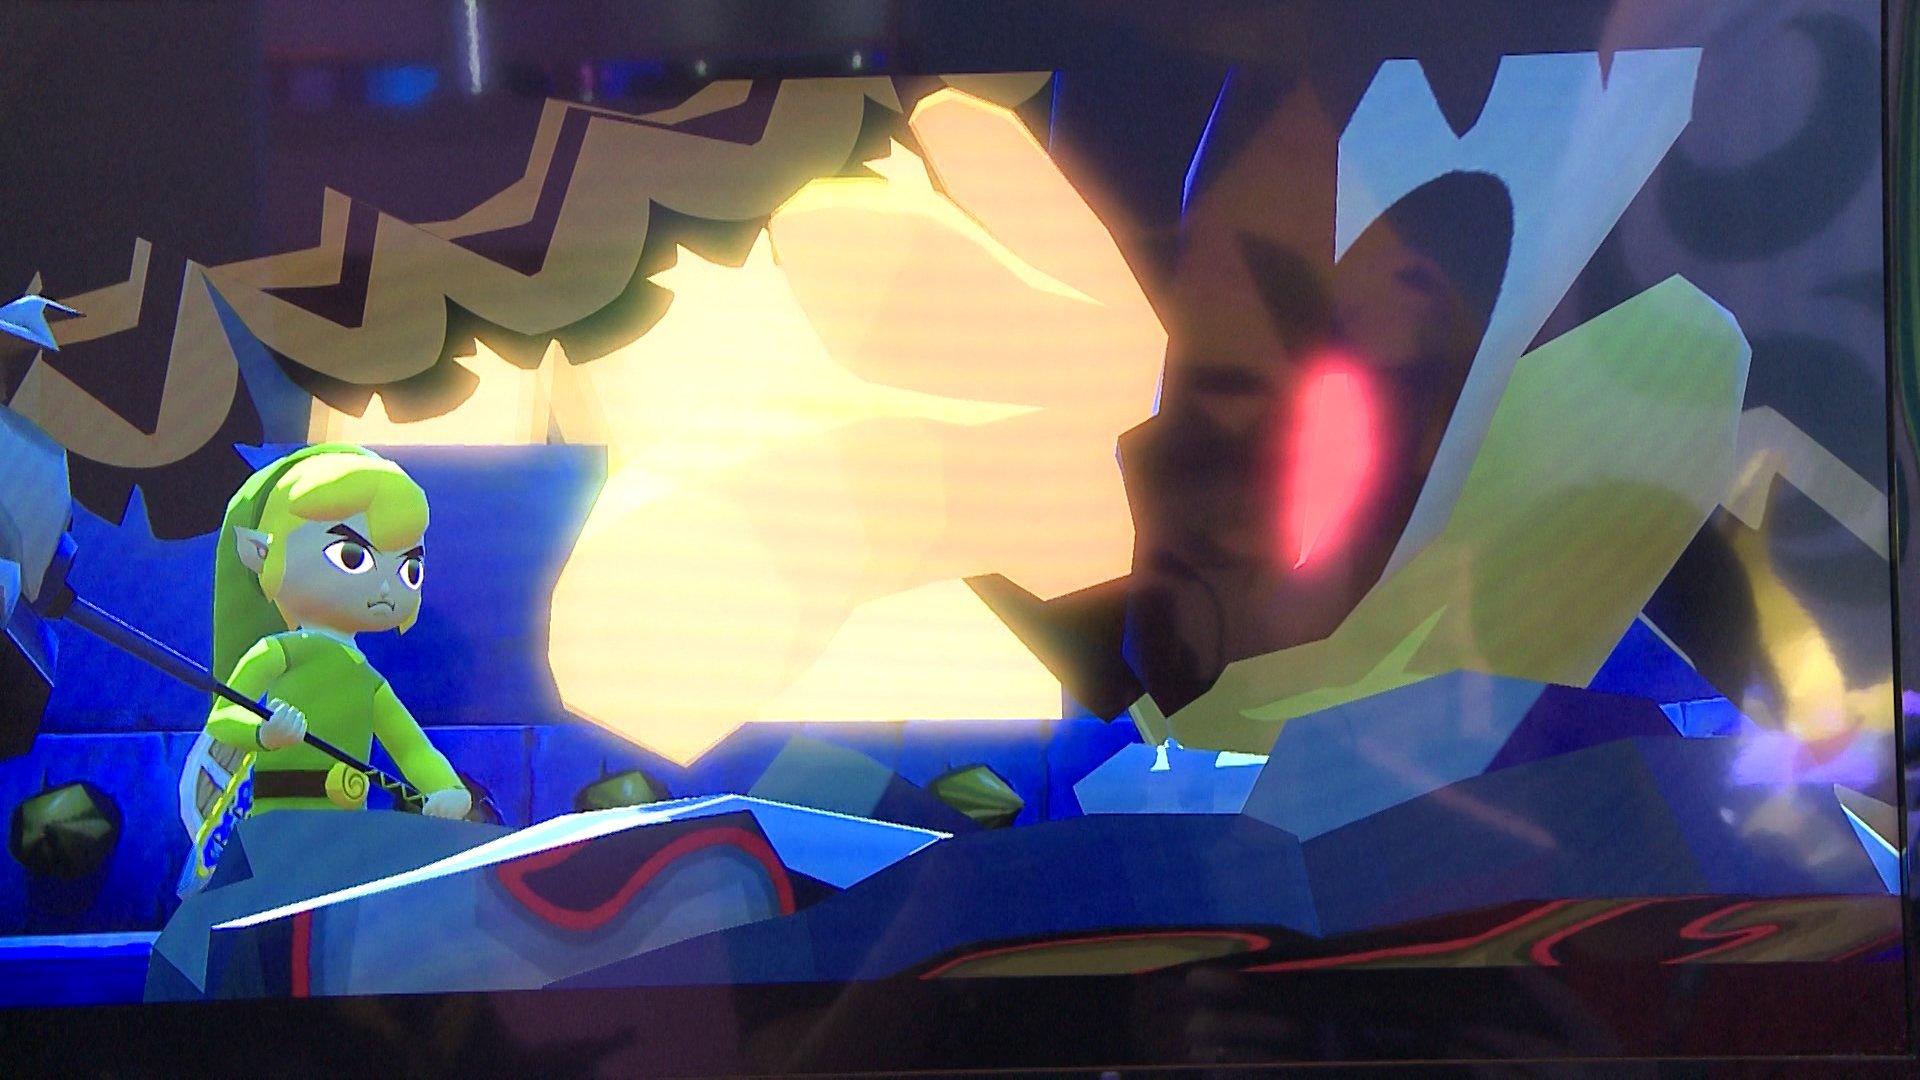 Wind Waker Hd Wallpaper: The Legend Of Zelda: The Wind Waker HD HD Wallpaper